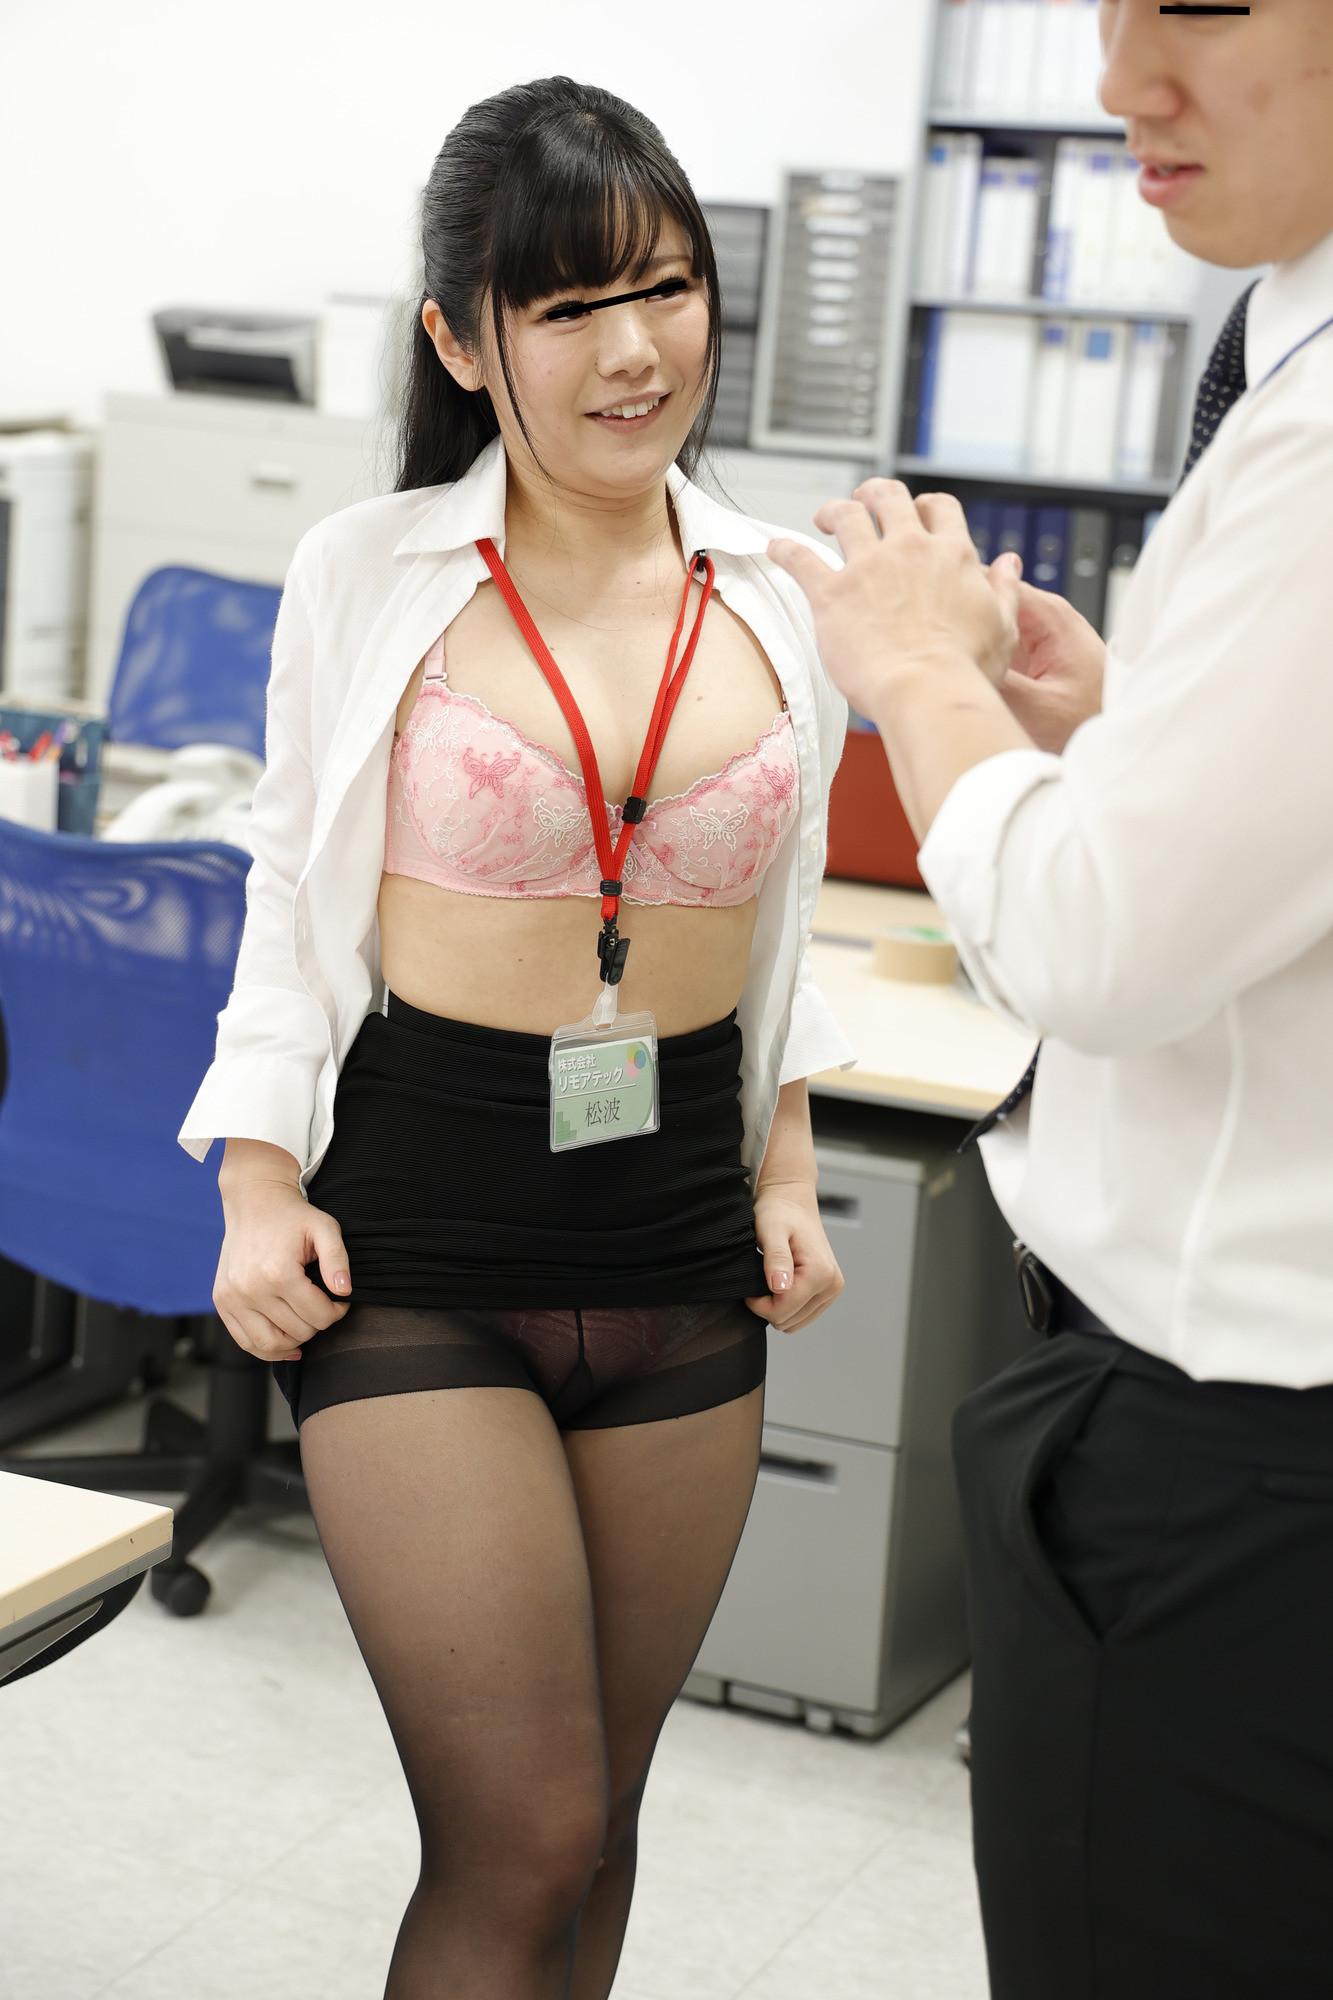 オジサマ殺し!社内パパ活でチ〇ポを狩るソソる新人女子社員!!男性社員を誘惑しまくる女子社員が上司にバレて叱られても反省するどころか半裸になって上司を逆襲!?エロ丸出しで迫る女子社員に上司はなすすべなく、自分もチ〇ポもシャブられヘロヘロになるまで社内エッチしてしまいました。 画像6